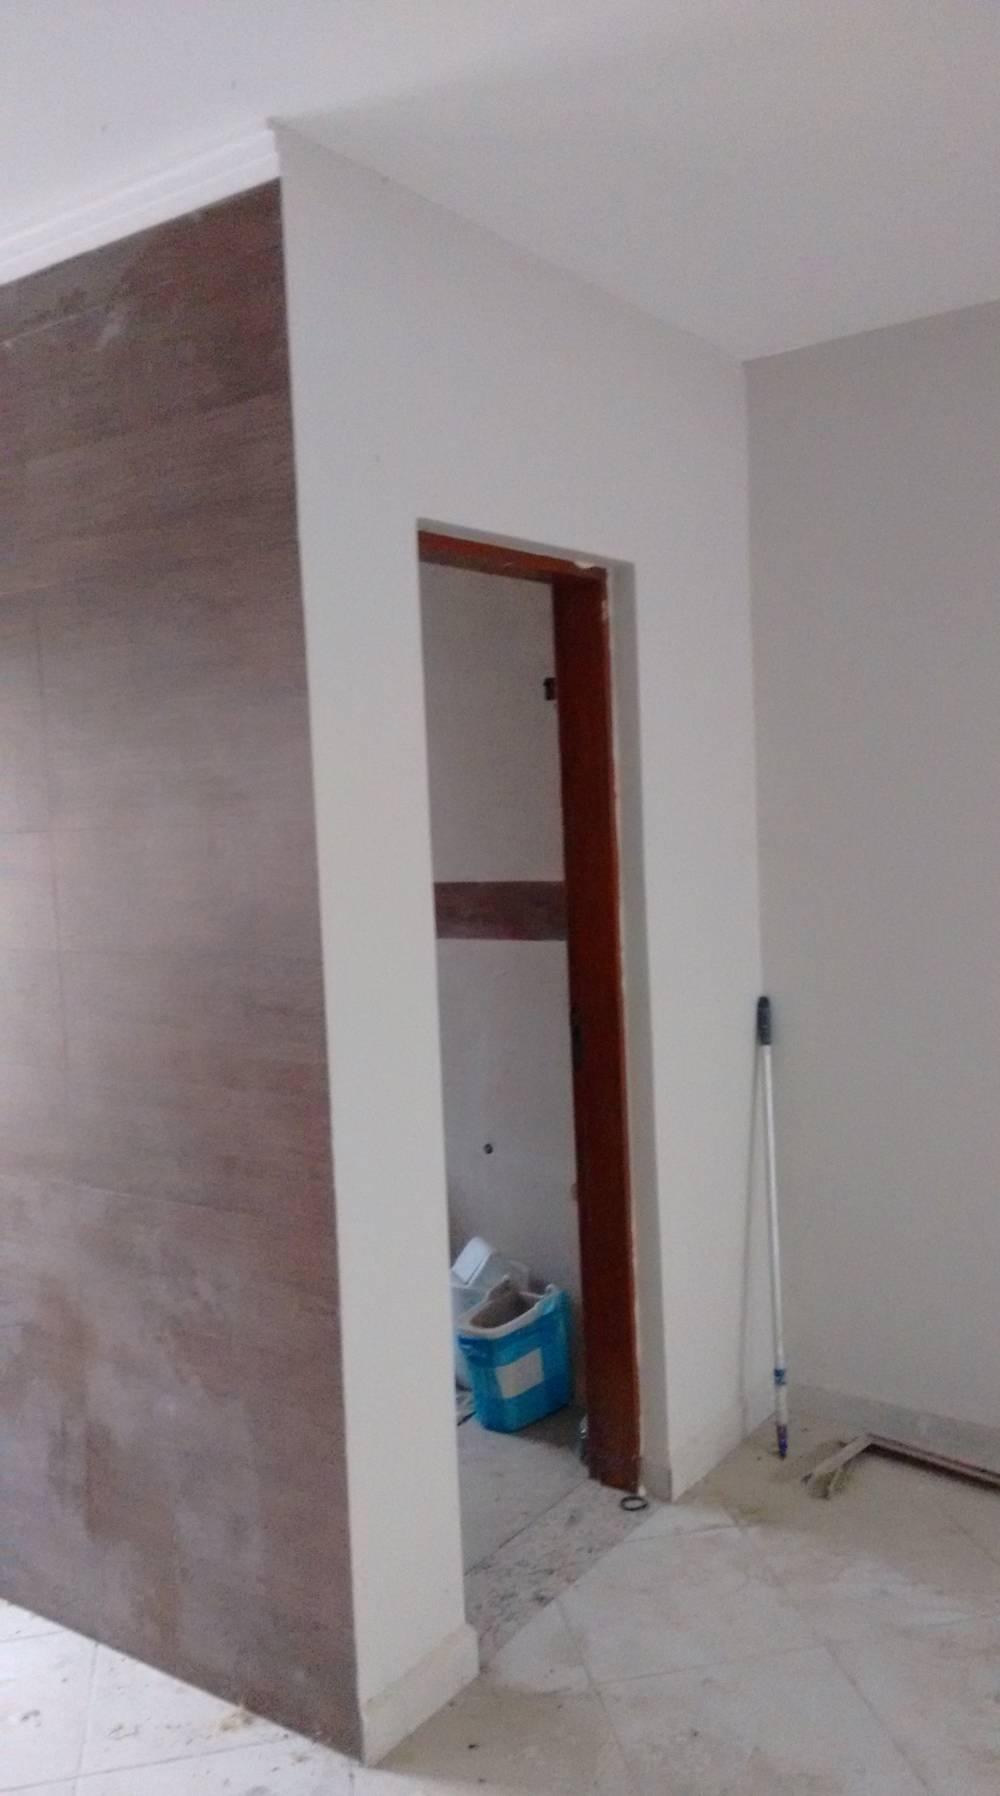 Preciso Fazer Reparo em Residências no Jardim Santo Antônio - Serviço de Reparos Residenciais